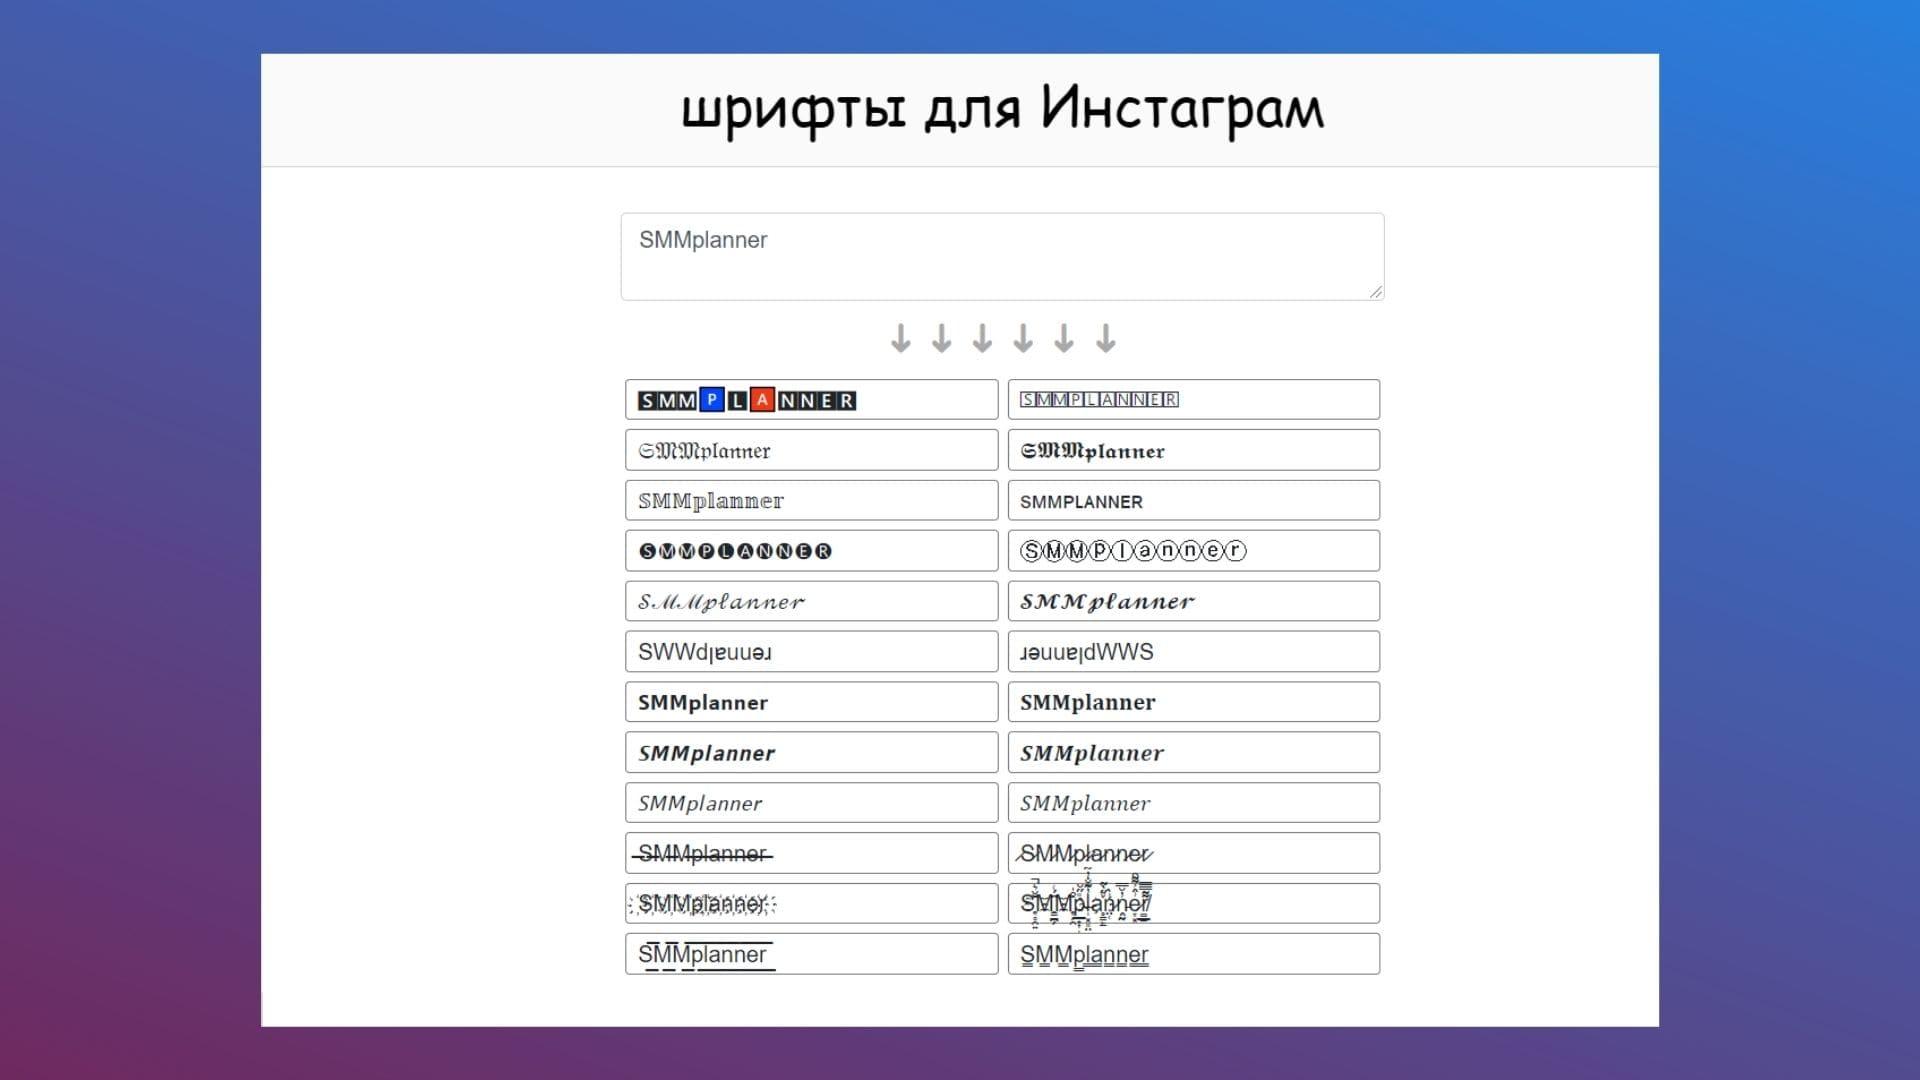 Сайт показывает варианты в нескольких столбцах